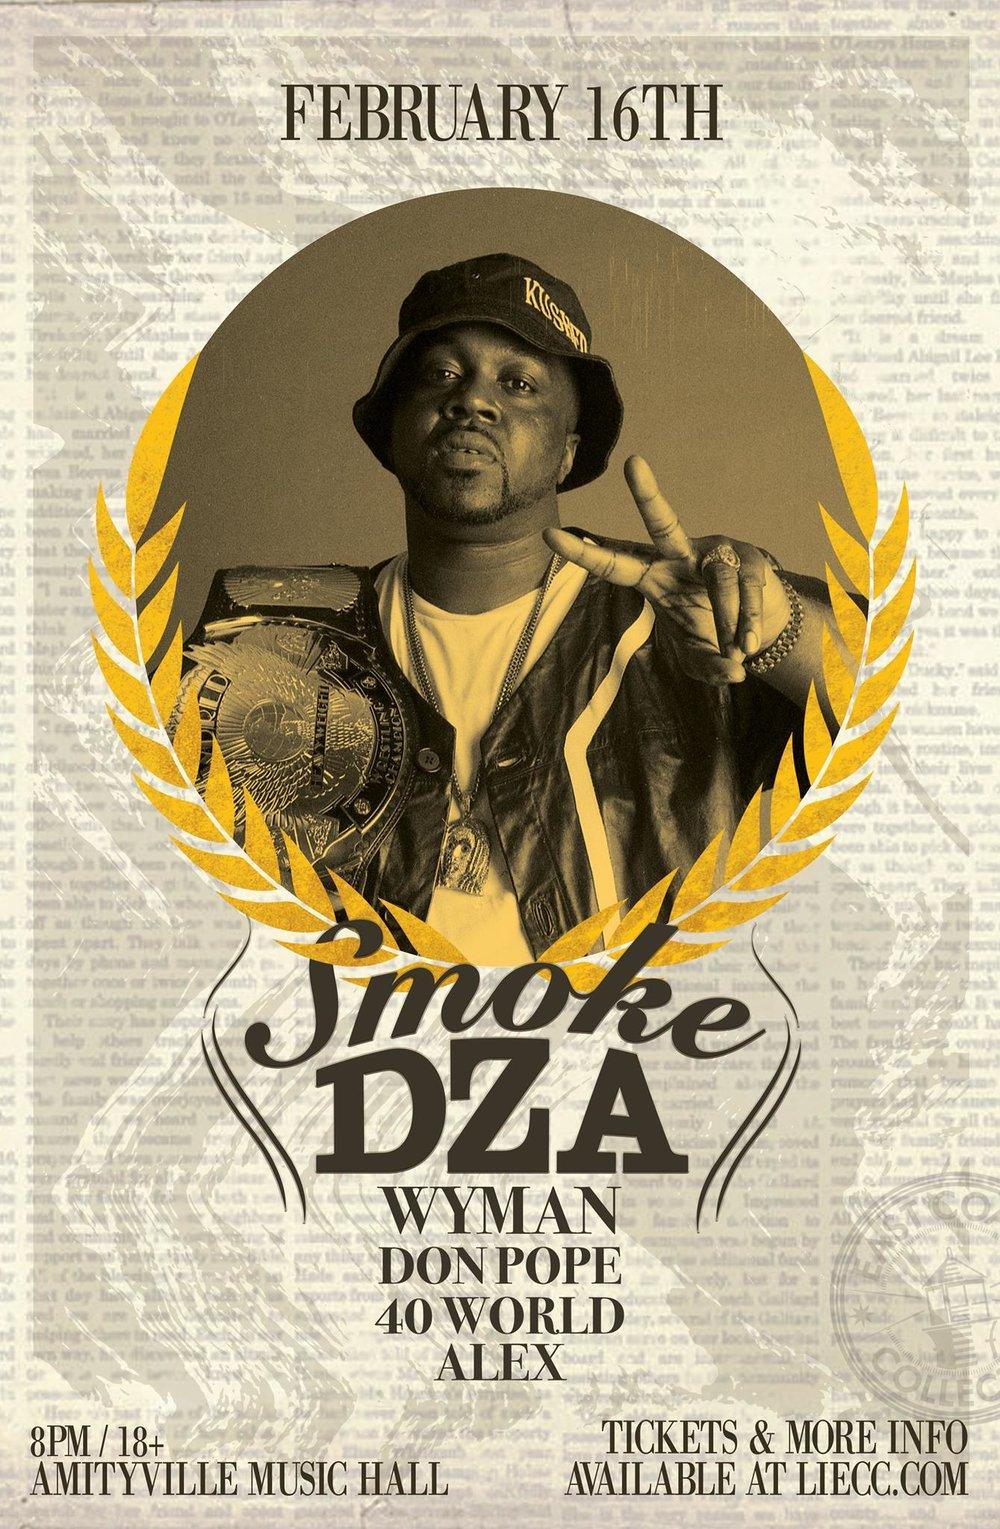 Smoke Dza - Wyman, Don Pope, 40 World, Alex$2018+ w/ ID